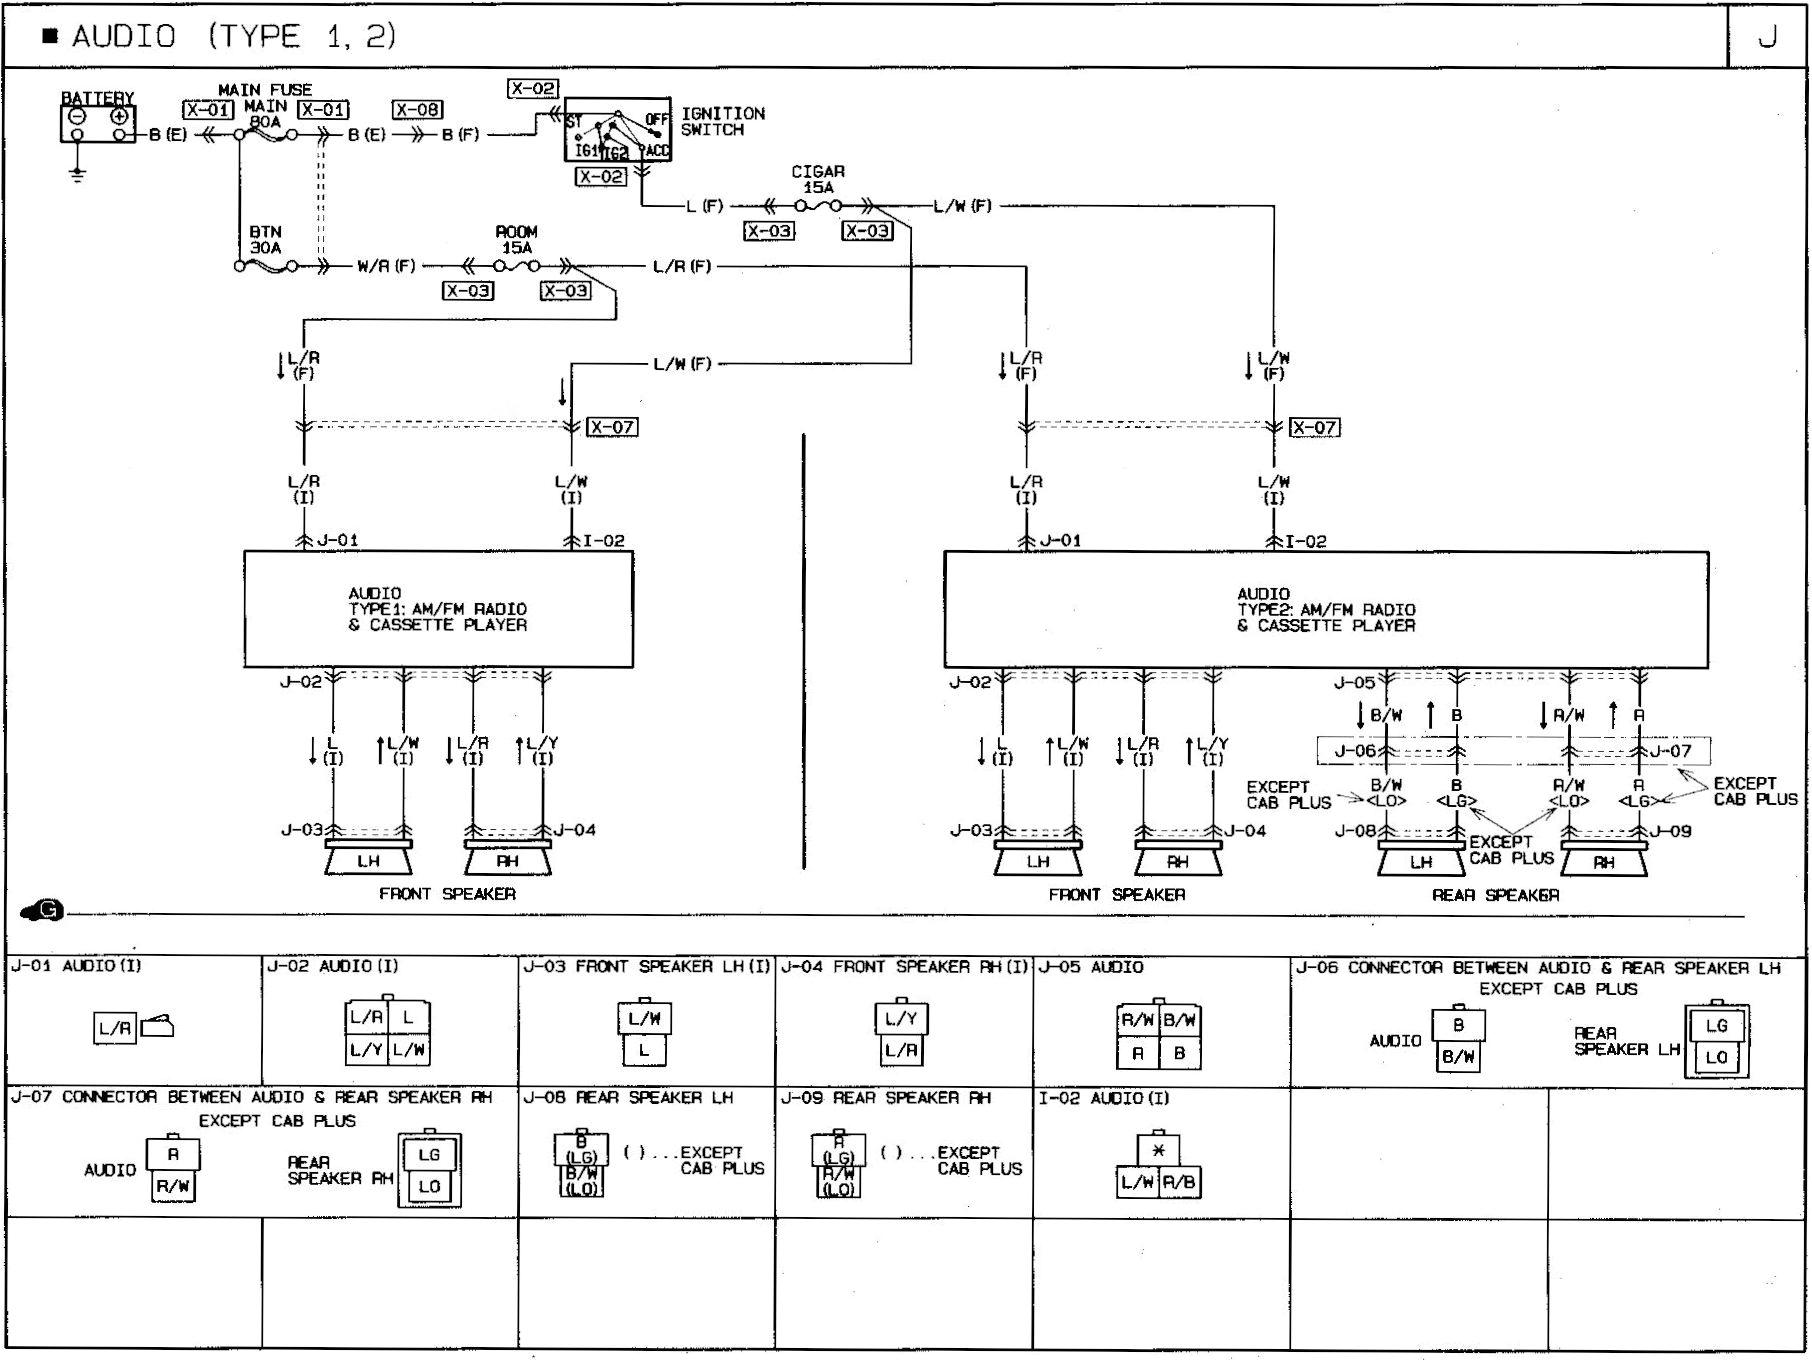 86 mazda b2000 horn wiring data diagram schematic